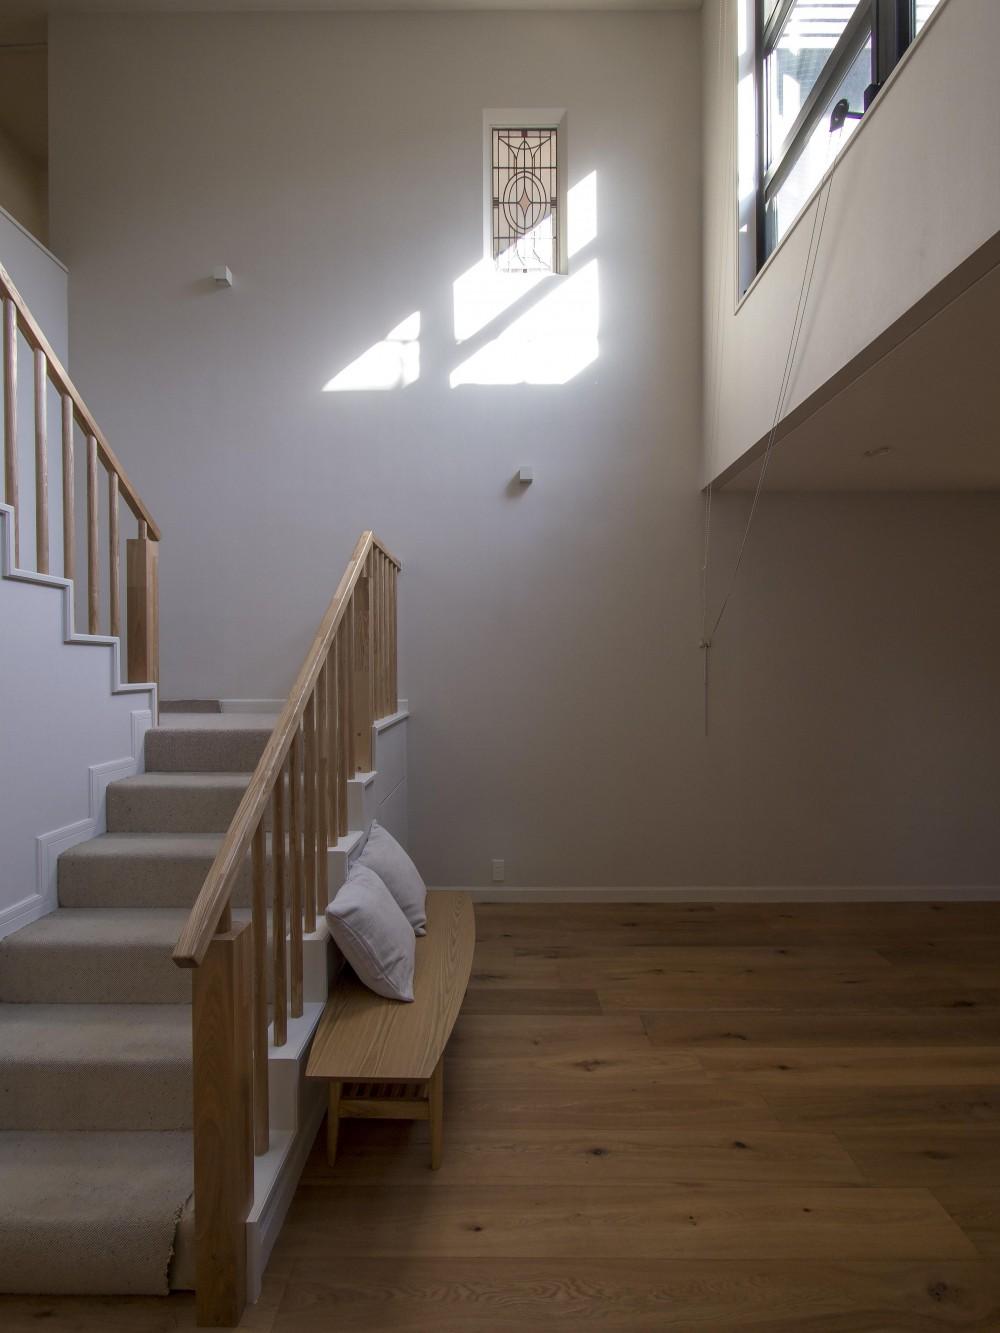 世代交代した家 となり (吹抜けから光が降り注ぐ階段)